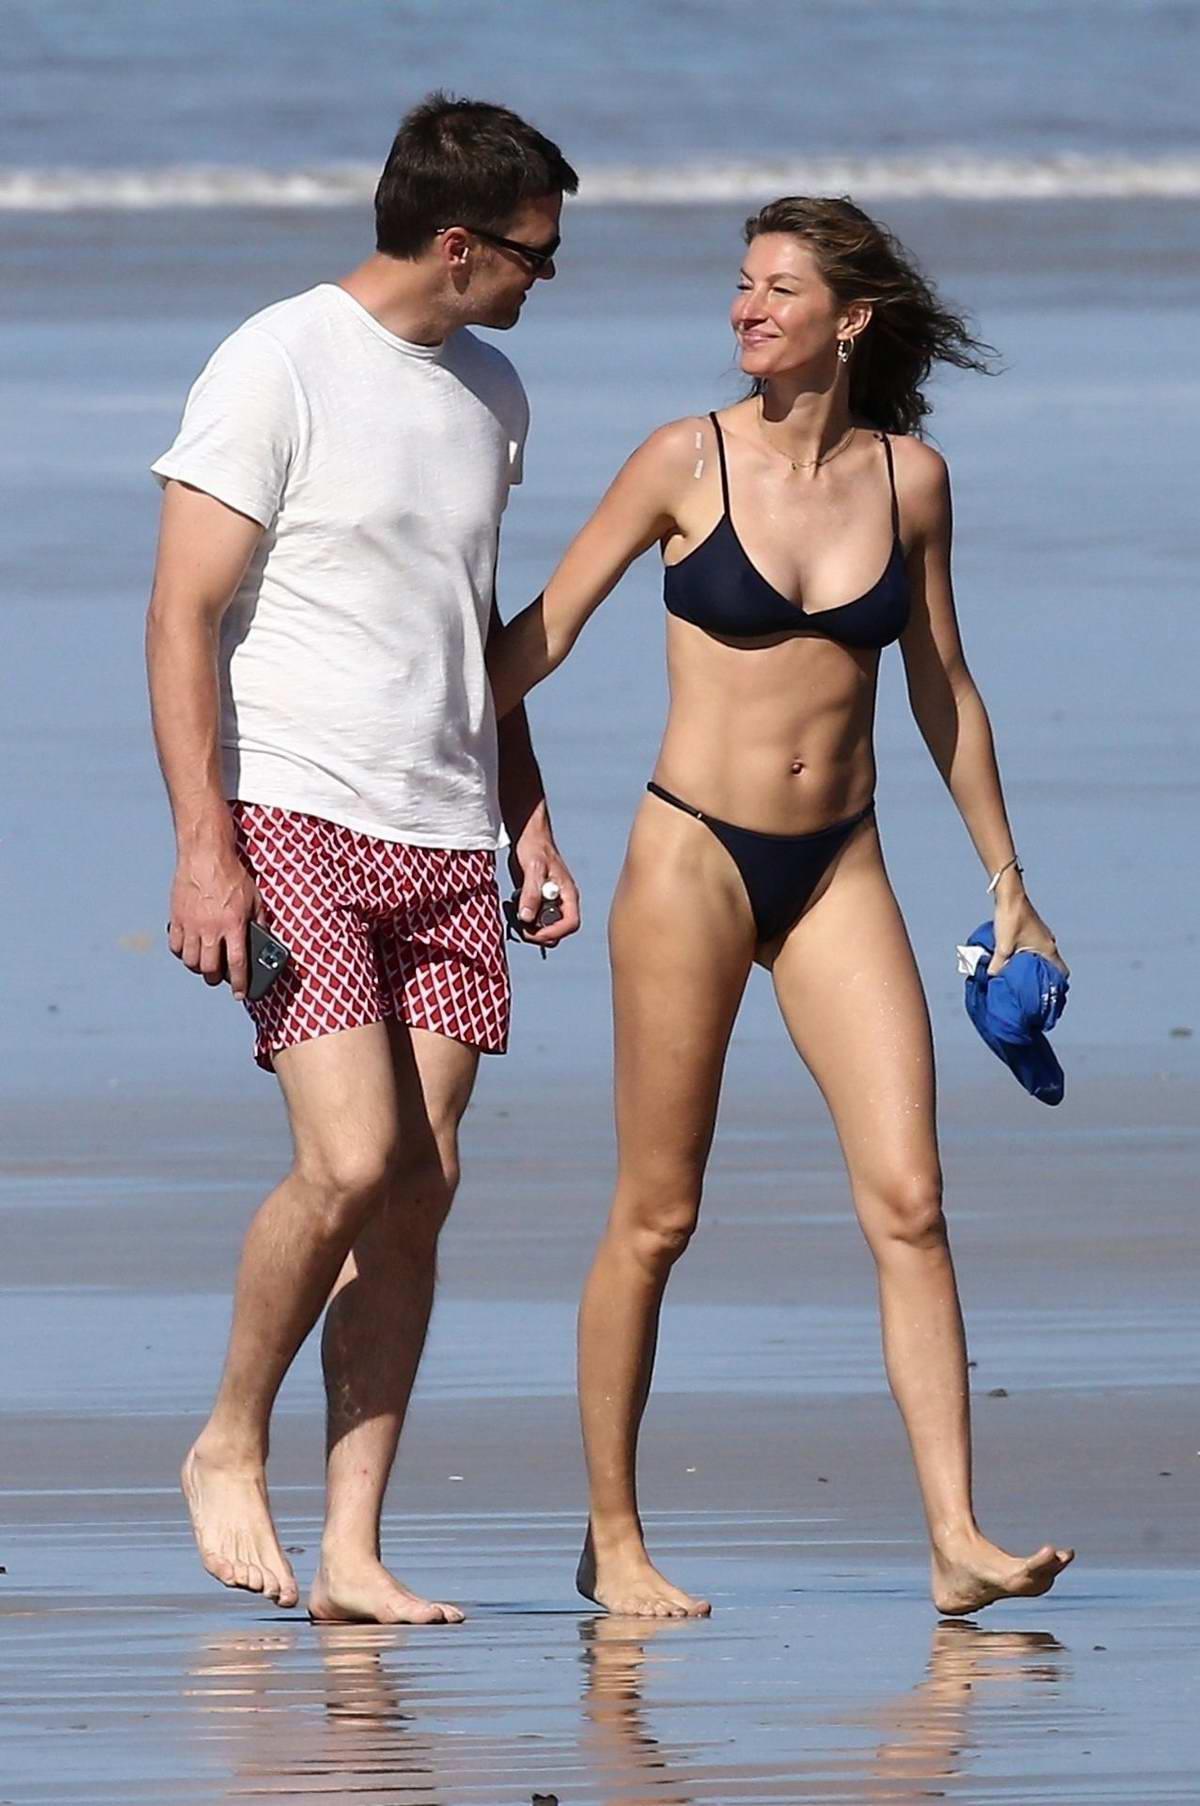 Gisele Bundchen stuns in a blue bikini during a beach day with Tom Brady in Costa Rica